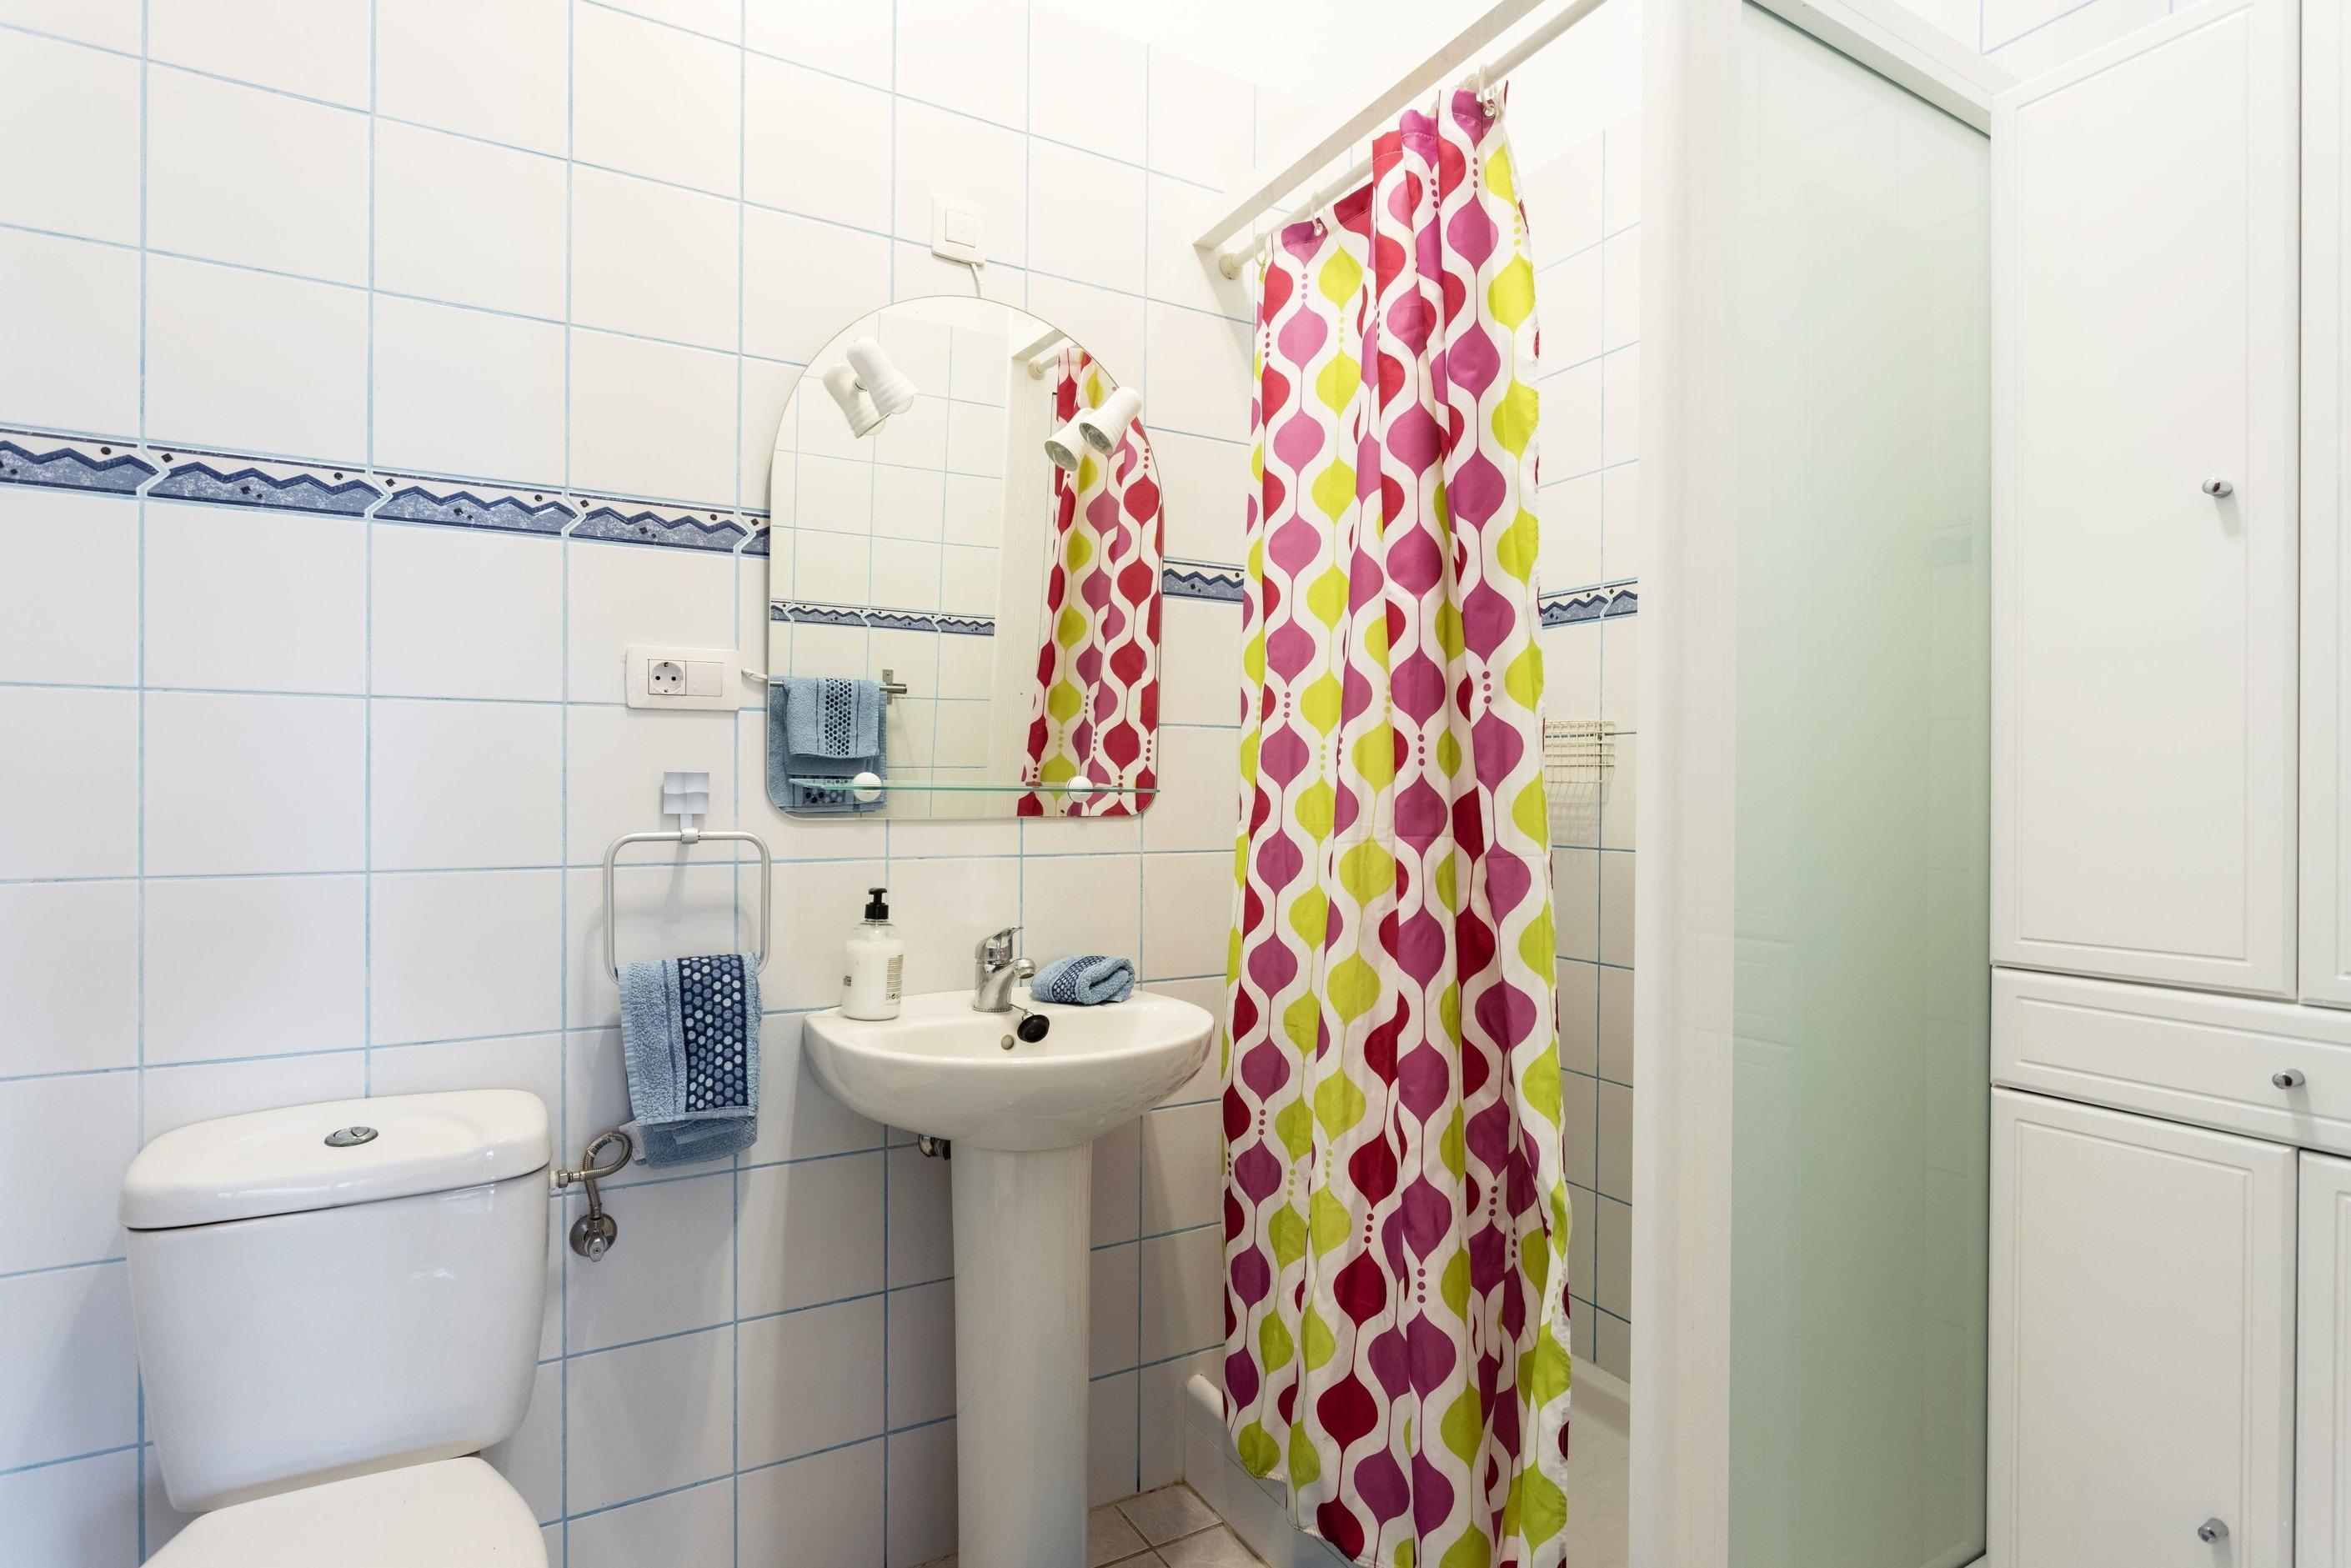 Appartement de vacances Fewo Solymar, mit 2 Schlafzimmern, 2 Bädern, eigener Terrasse und Garten, Meerblick, Pool, (2492986), Santa Ursula, Ténérife, Iles Canaries, Espagne, image 19